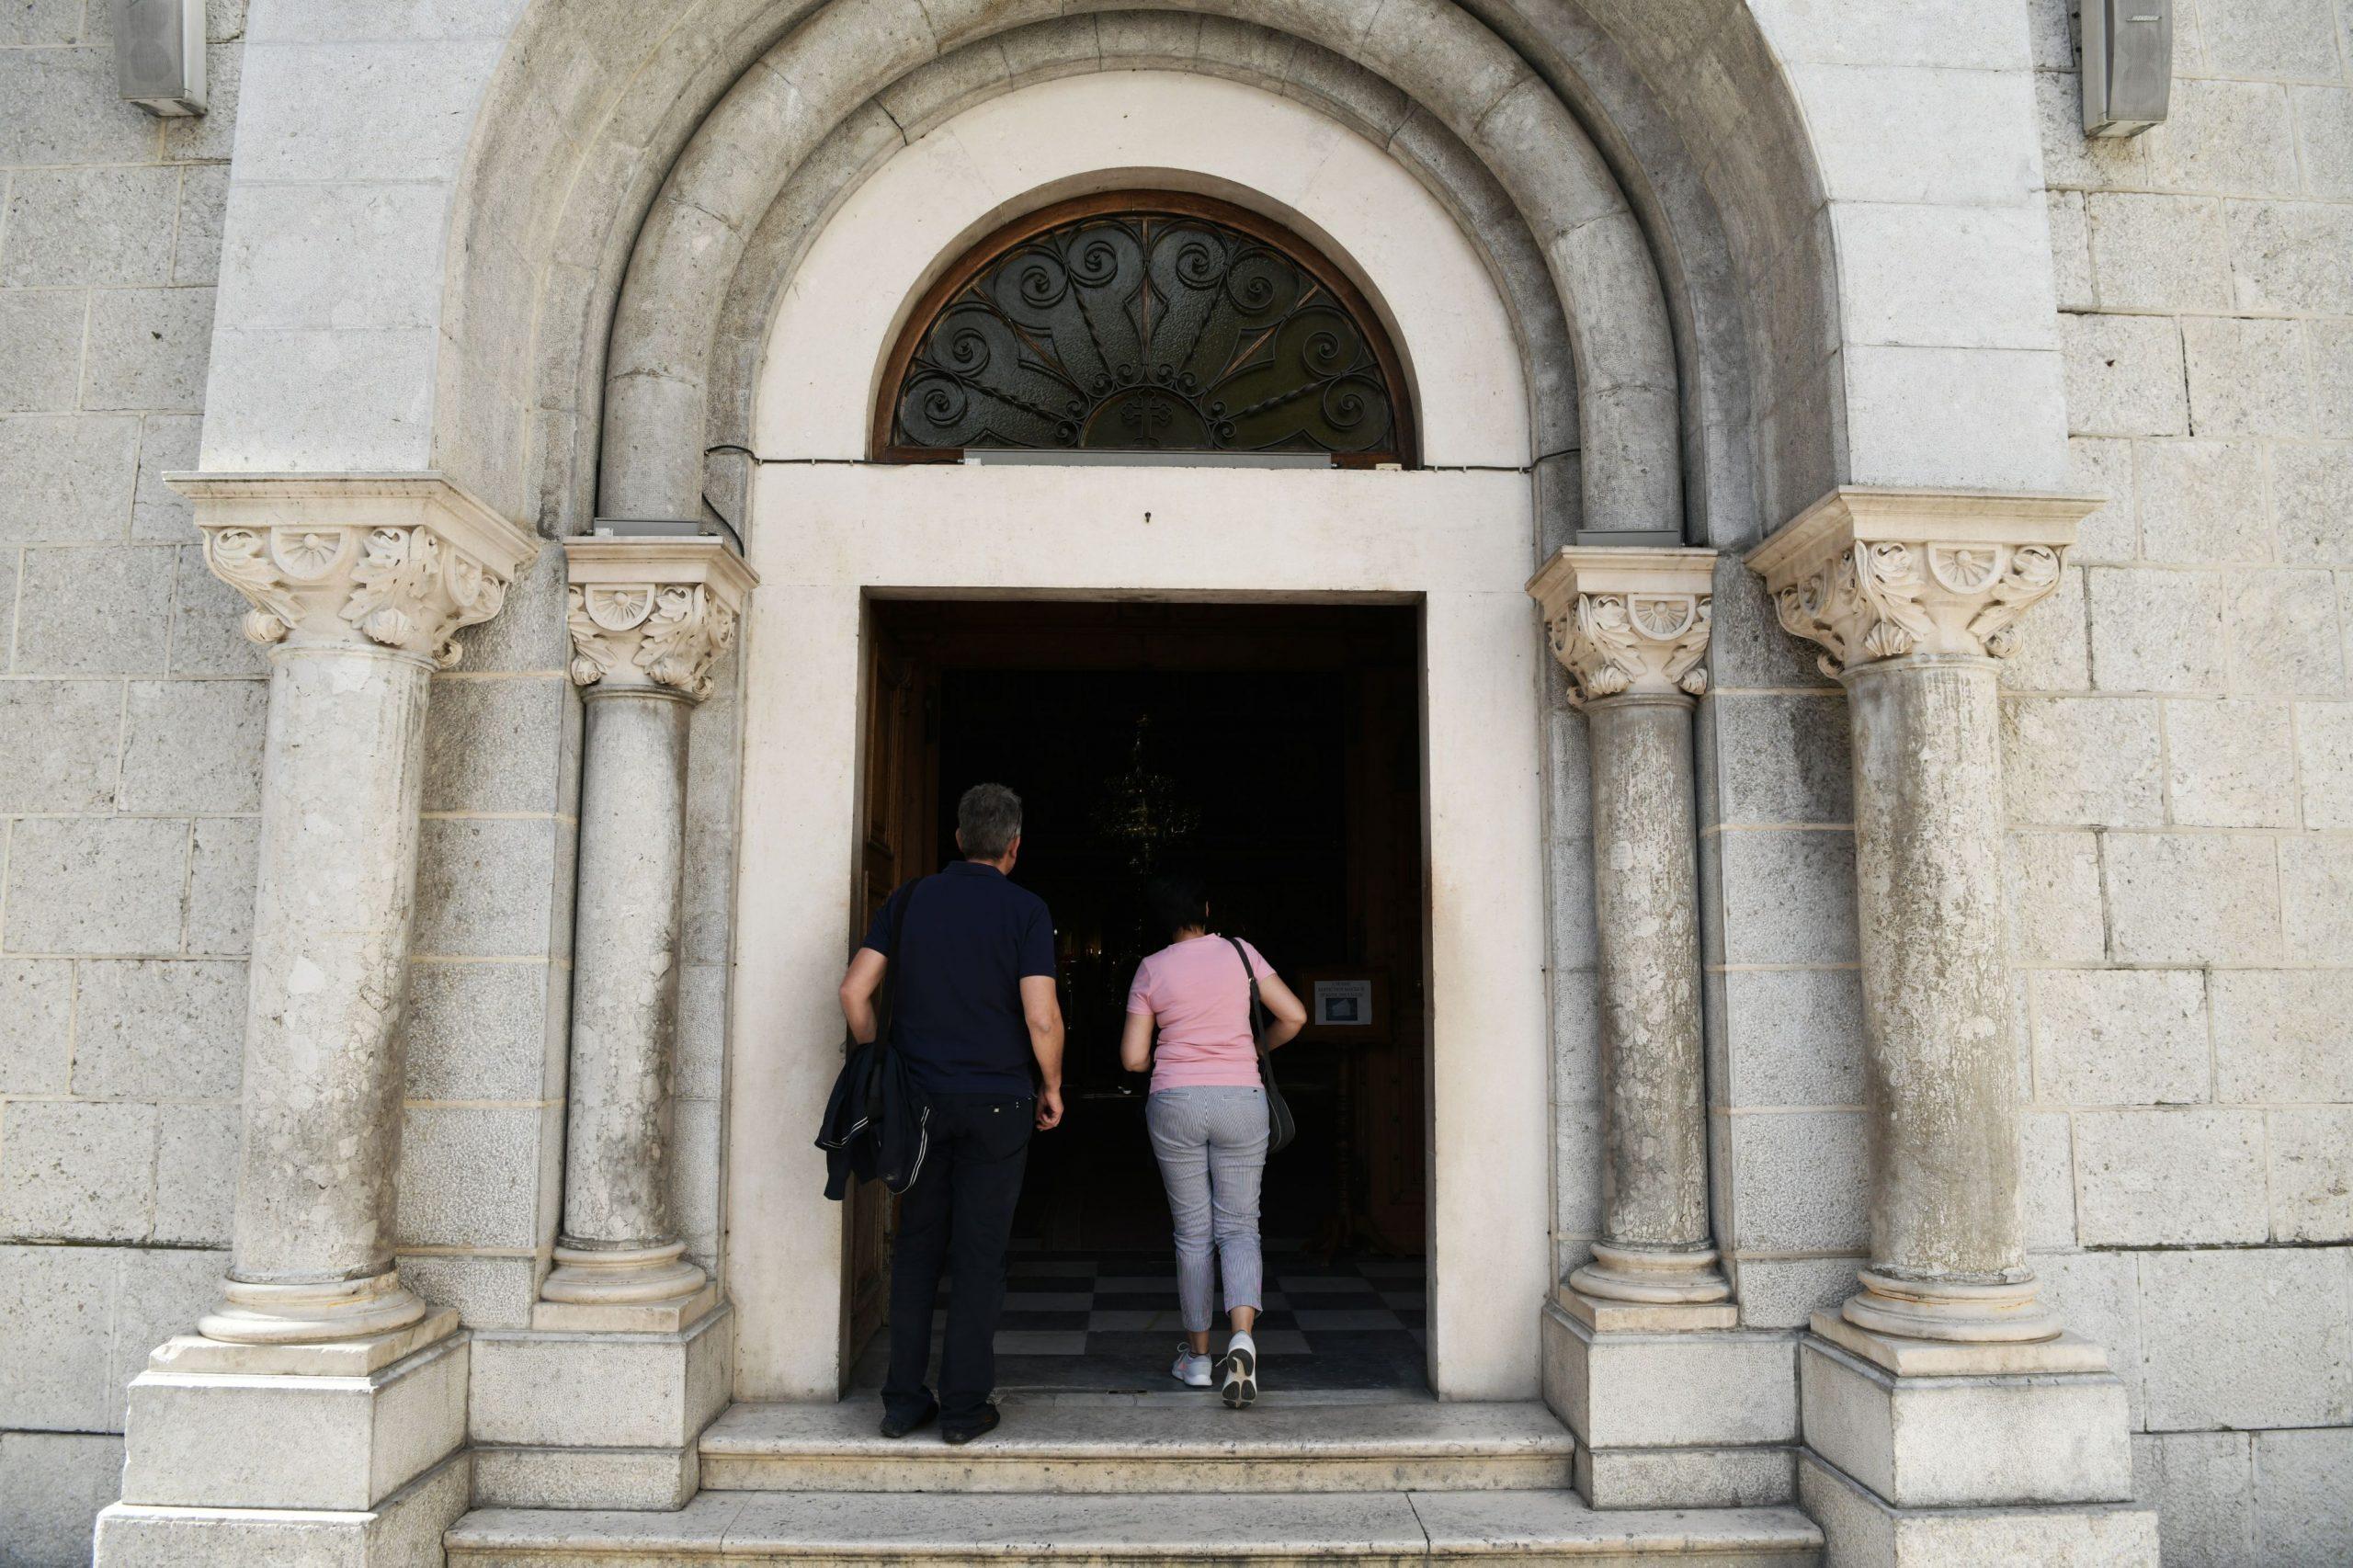 Crkva Svetog Nikole Kotor Crna Gora